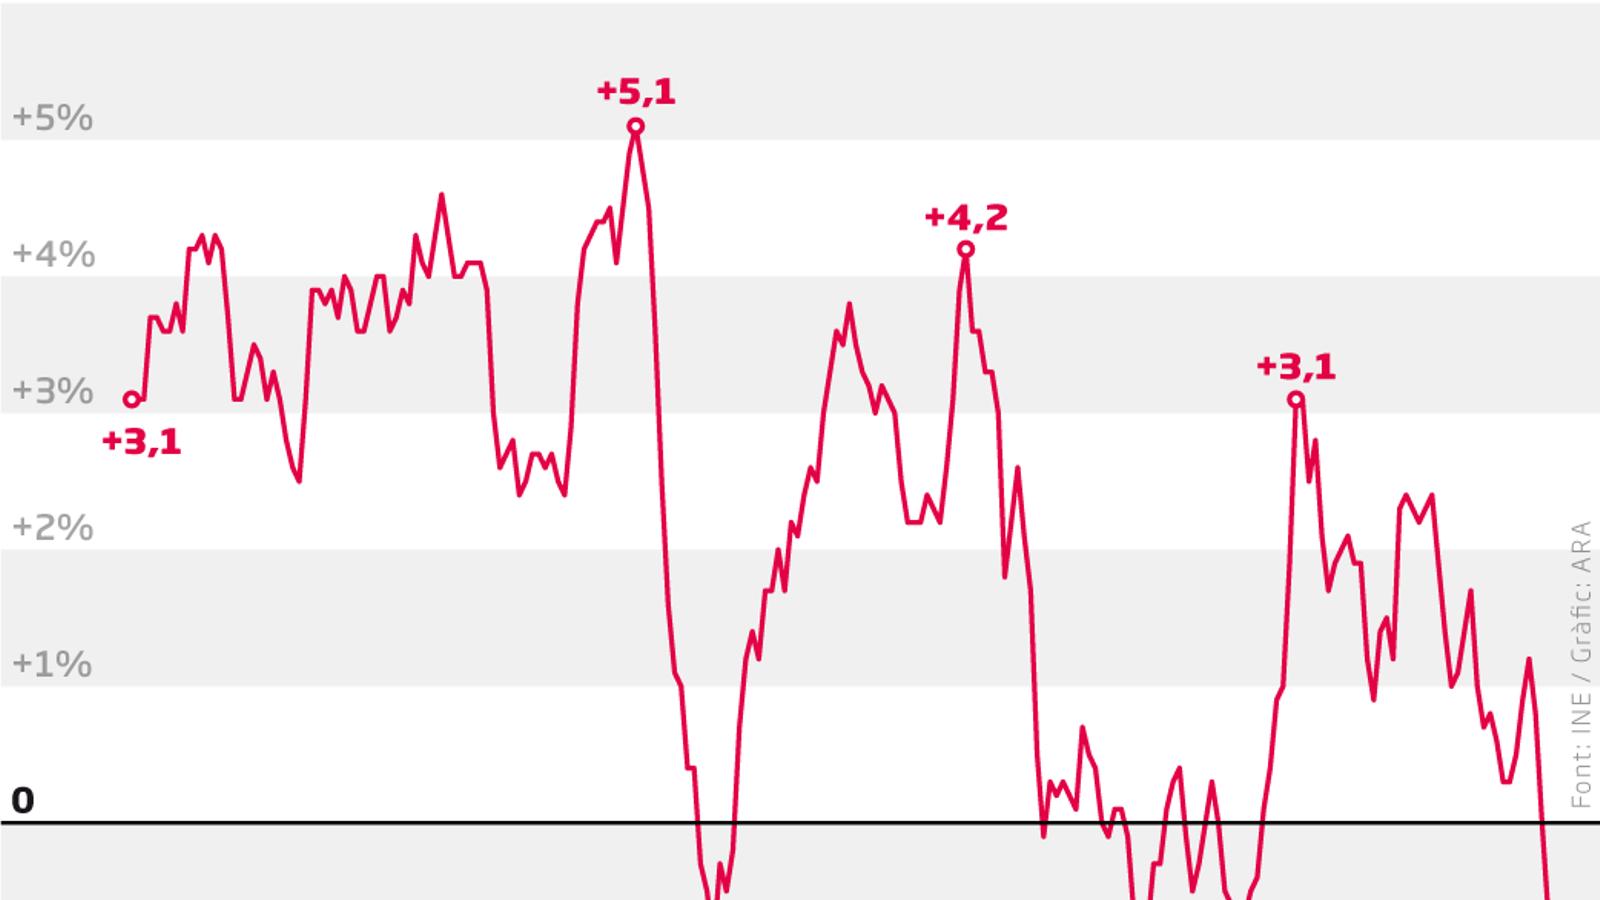 Catalunya entra en deflació: els preus cauen un 0,7% a l'abril